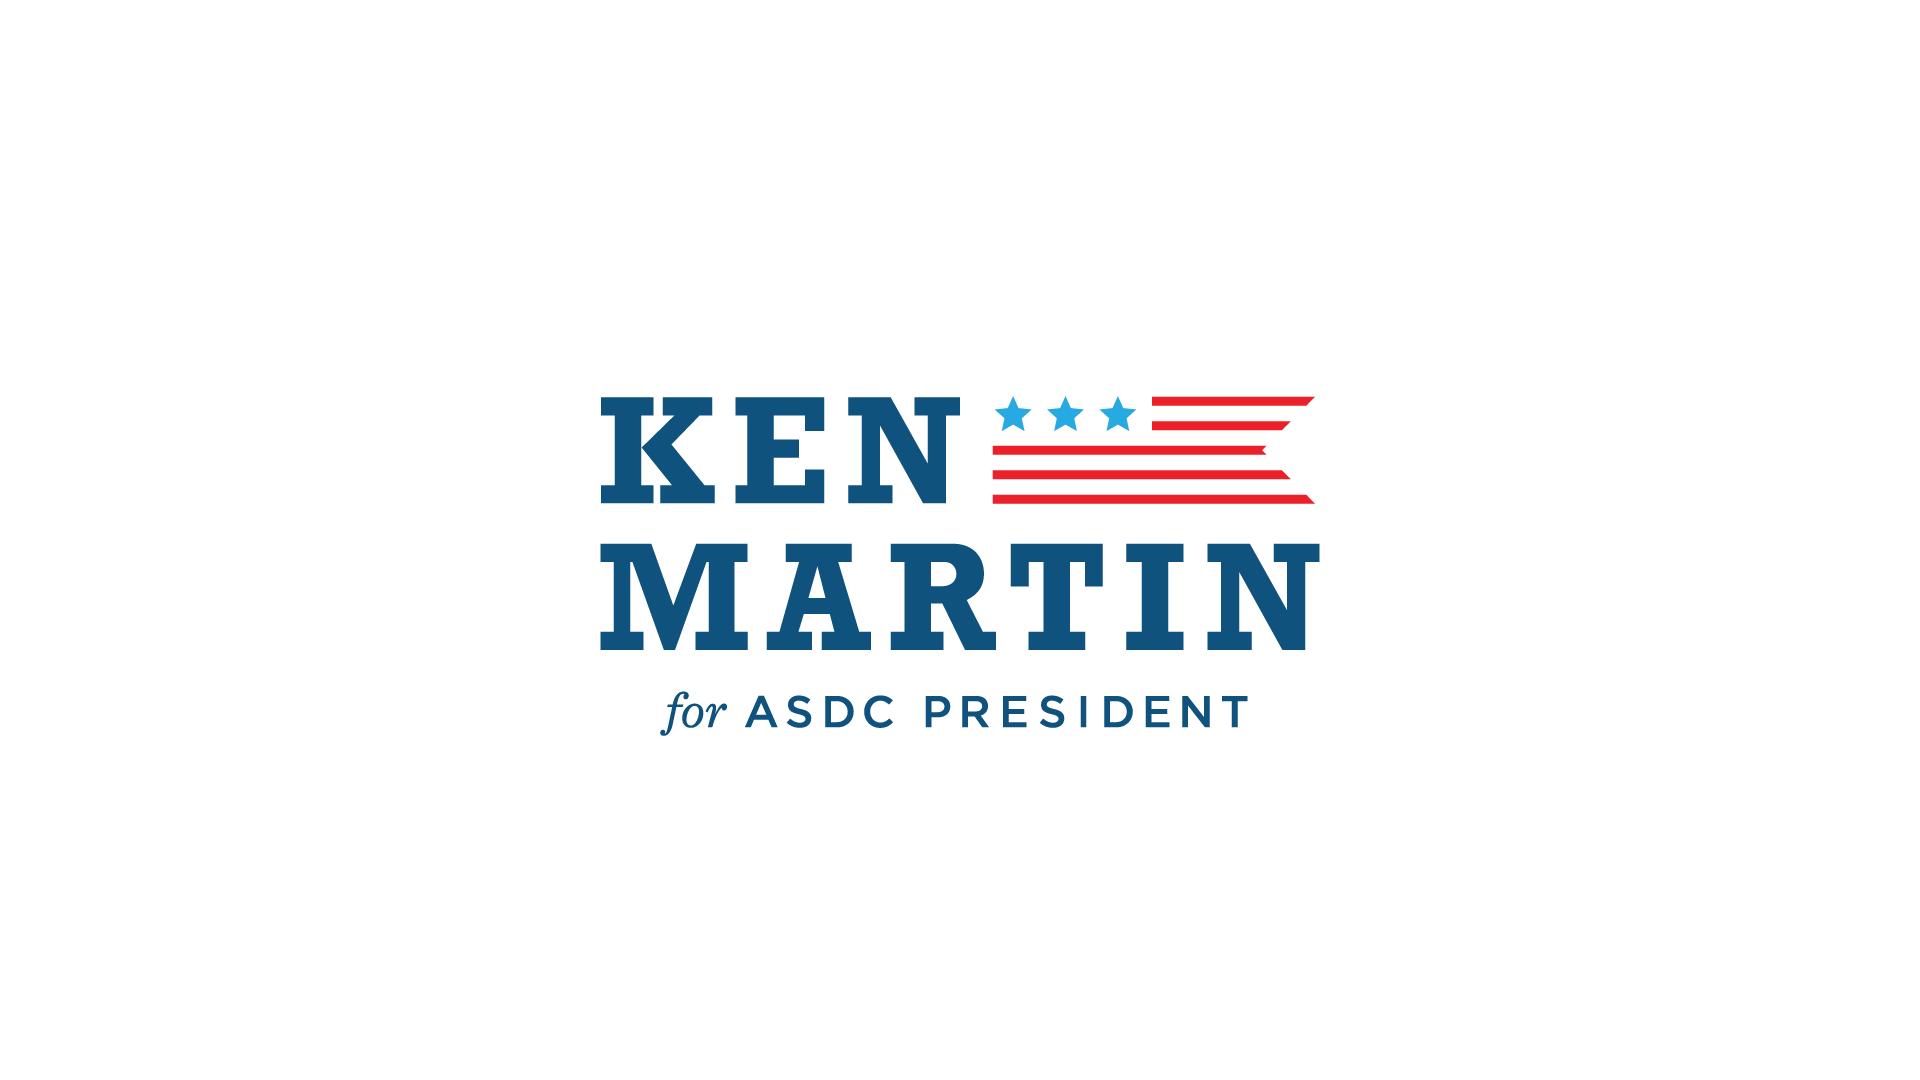 Ken Martin for ASDC President.png